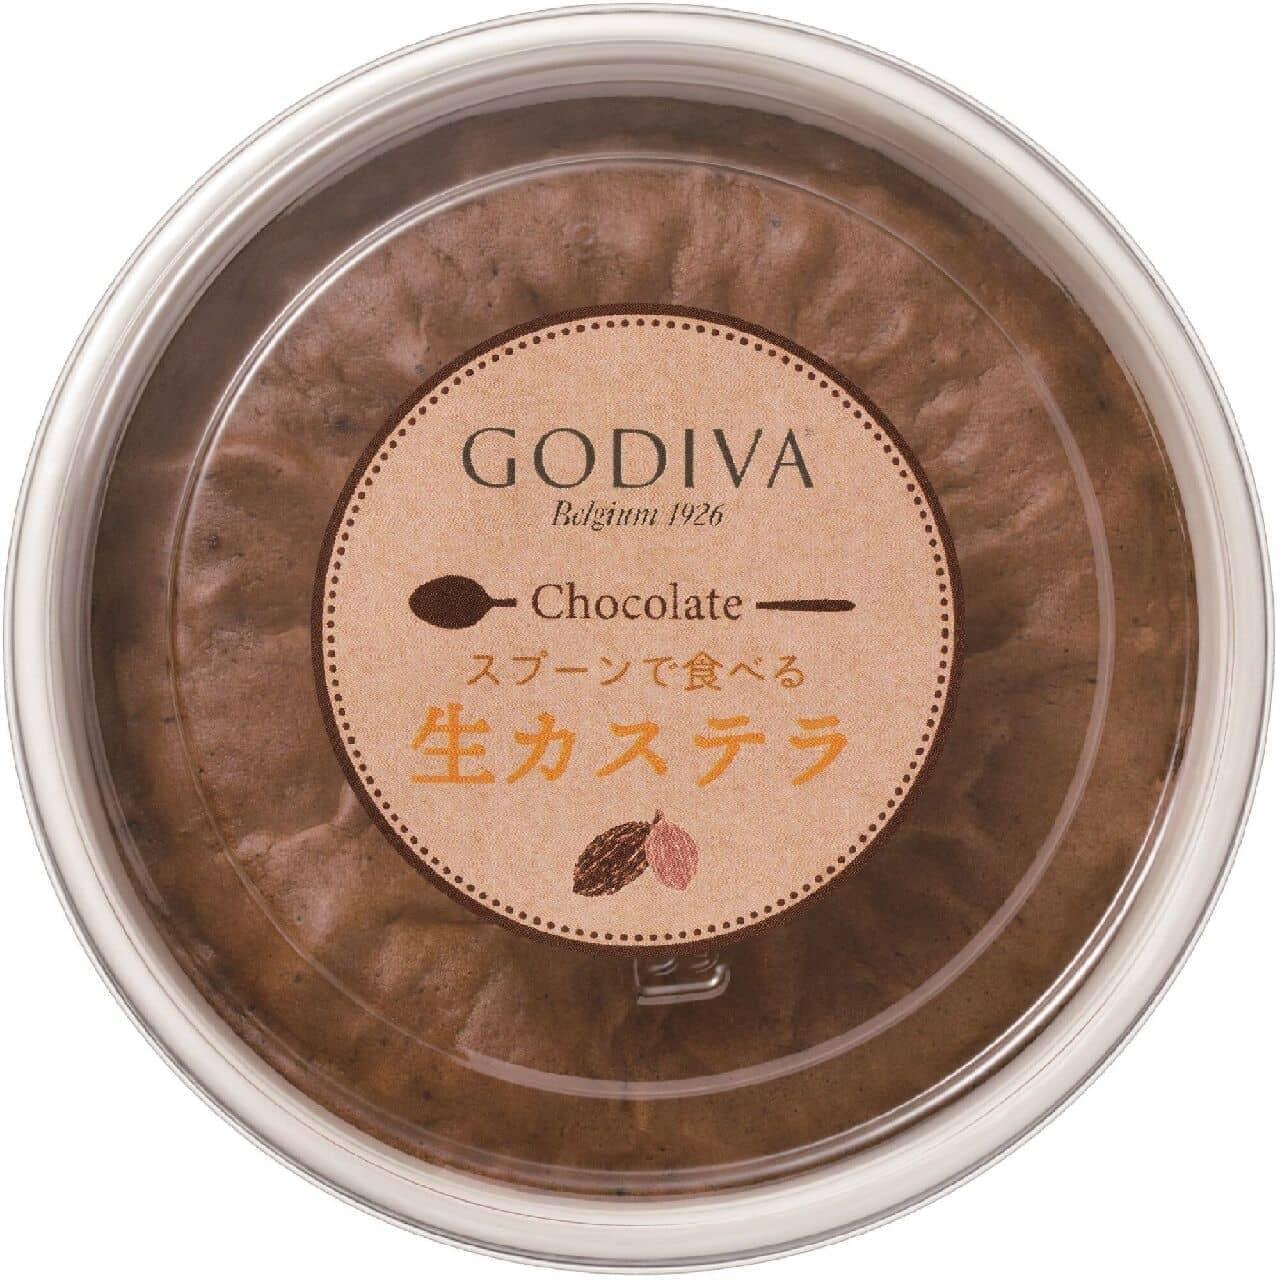 ゴディバ「スプーンで食べる生カステラ チョコレート」